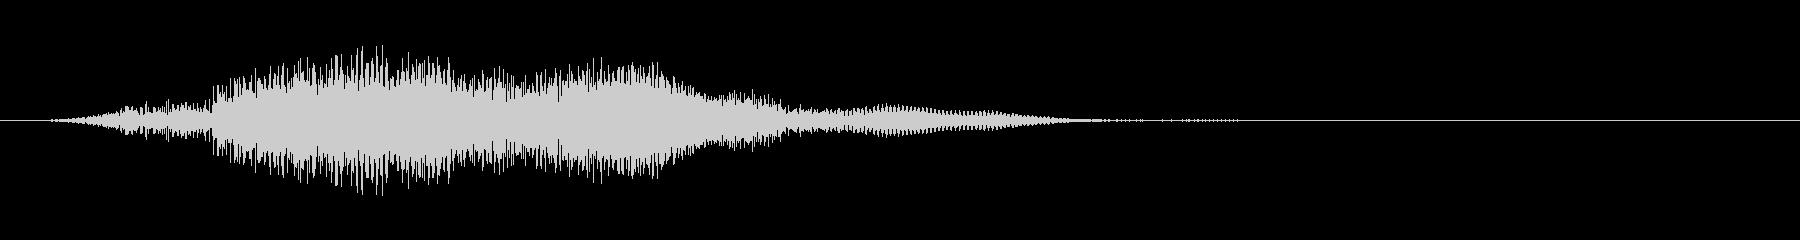 ヒューッシュヘビーエンティティダブ...の未再生の波形